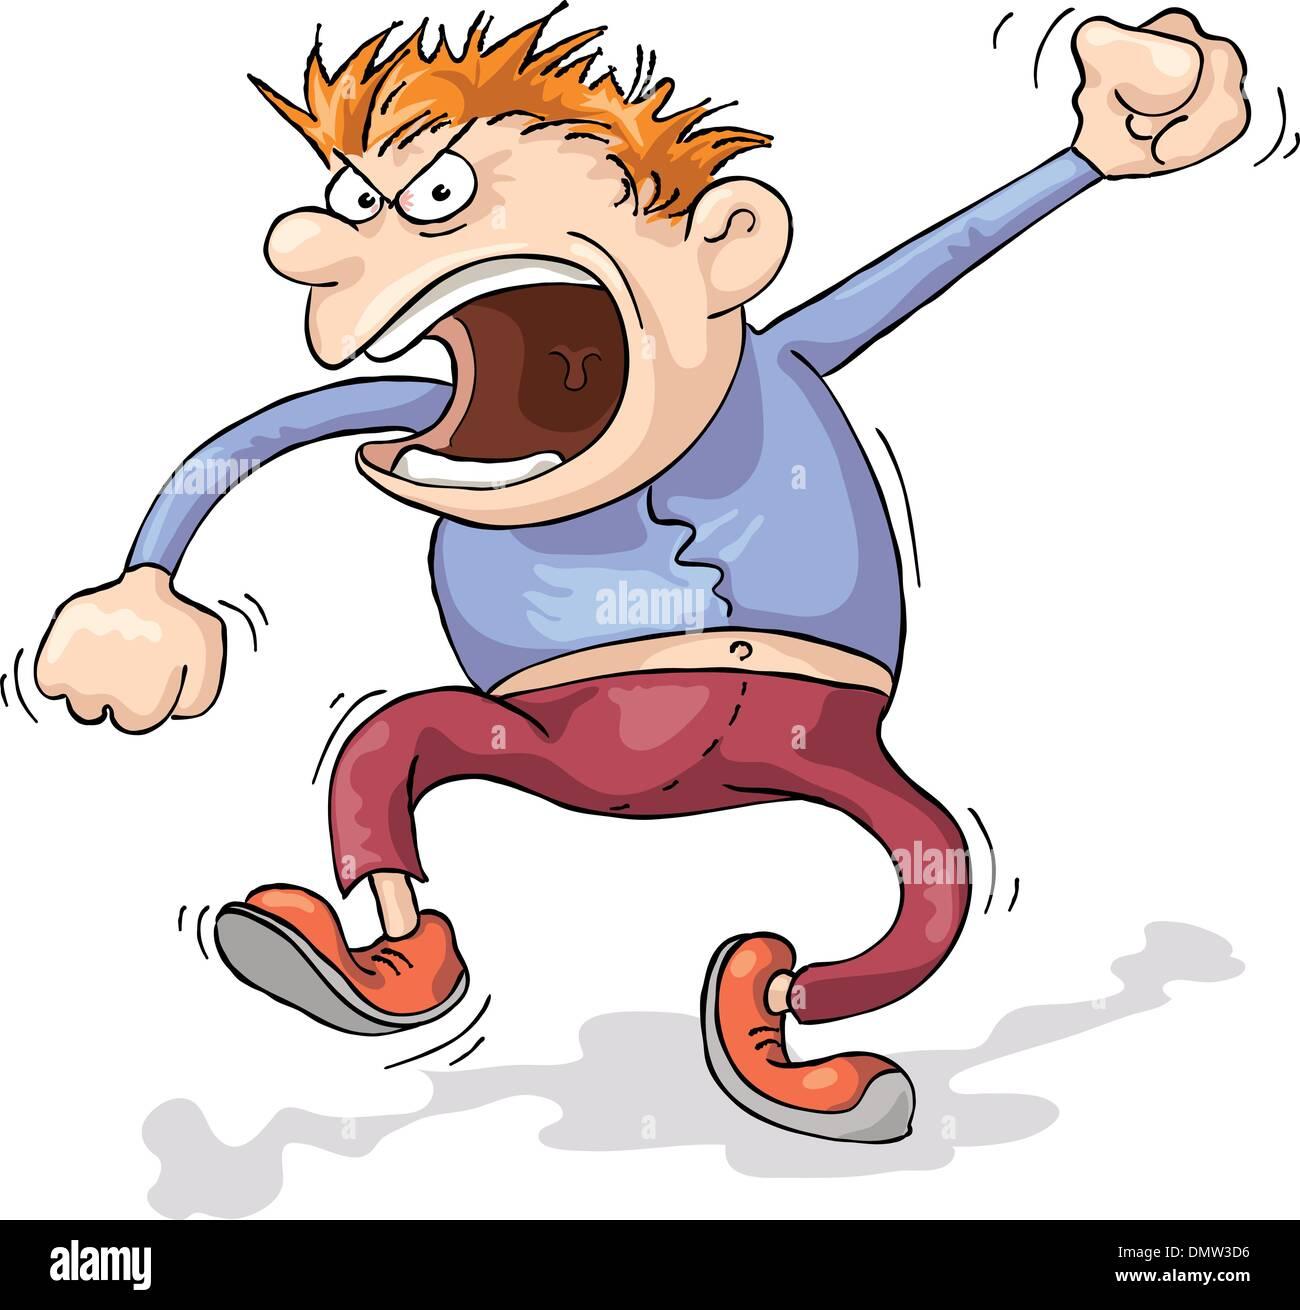 Angry Man - Stock Image